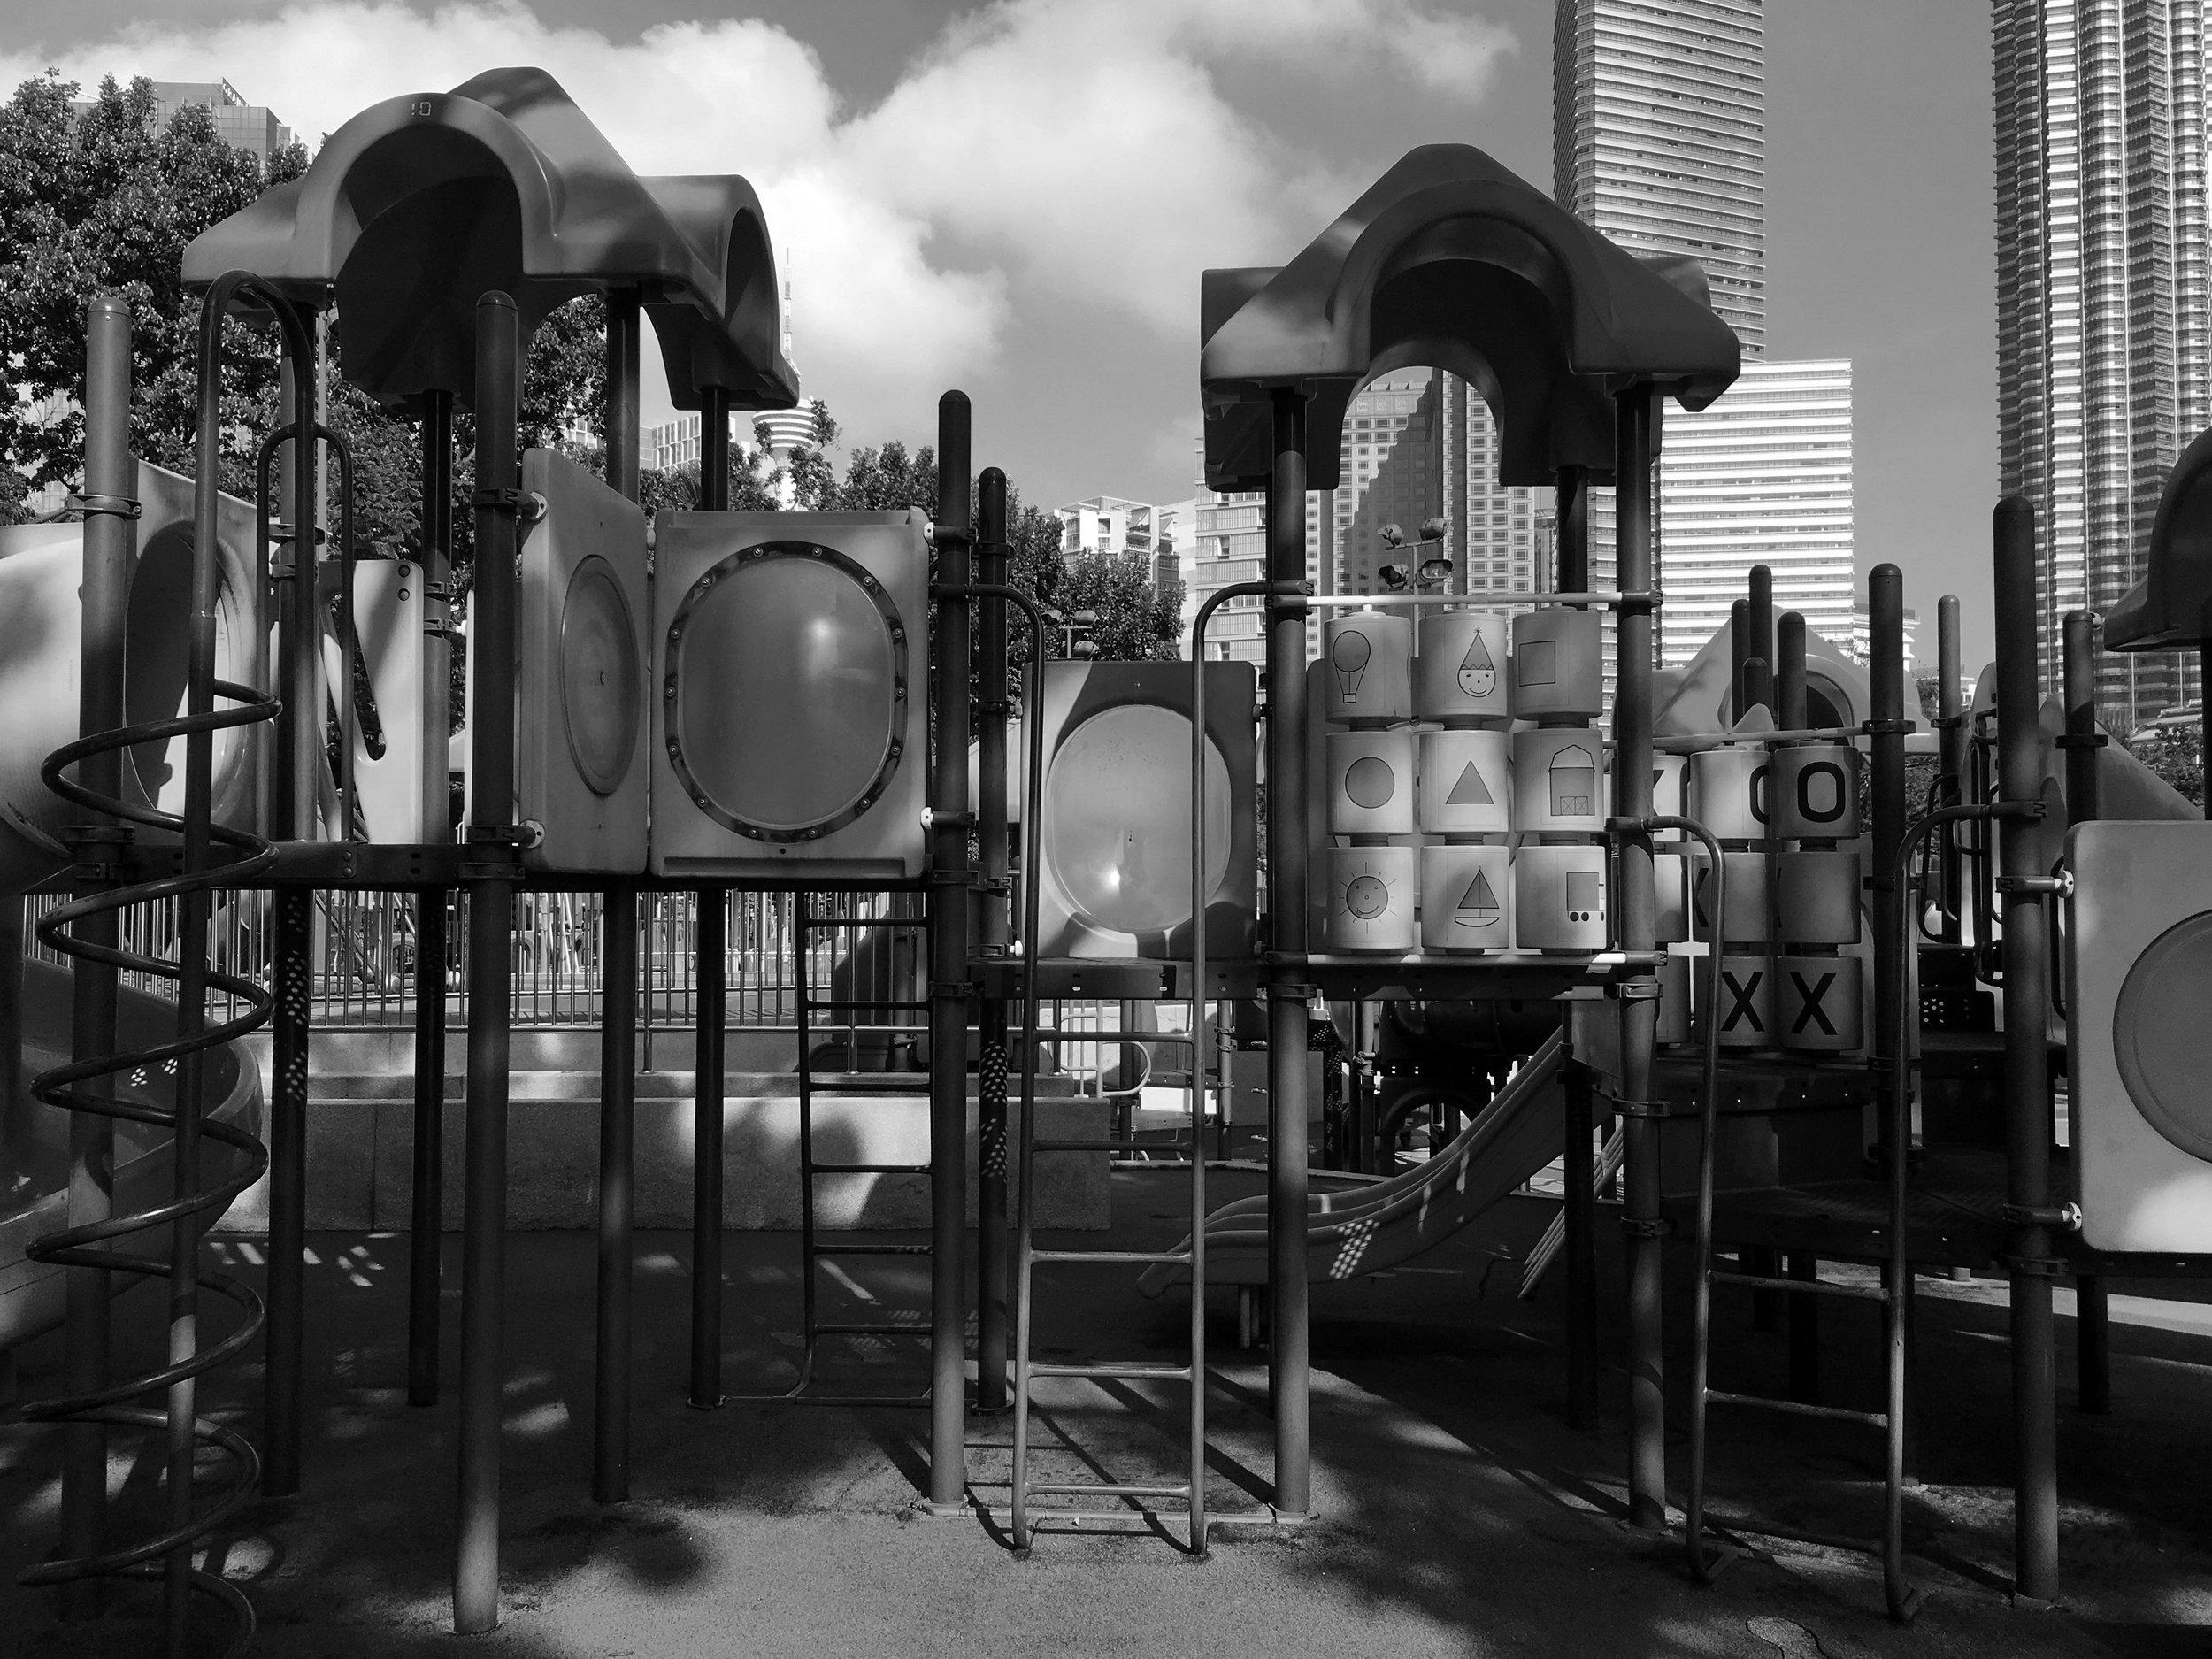 playground-wide-view-ws-img_3445.jpg